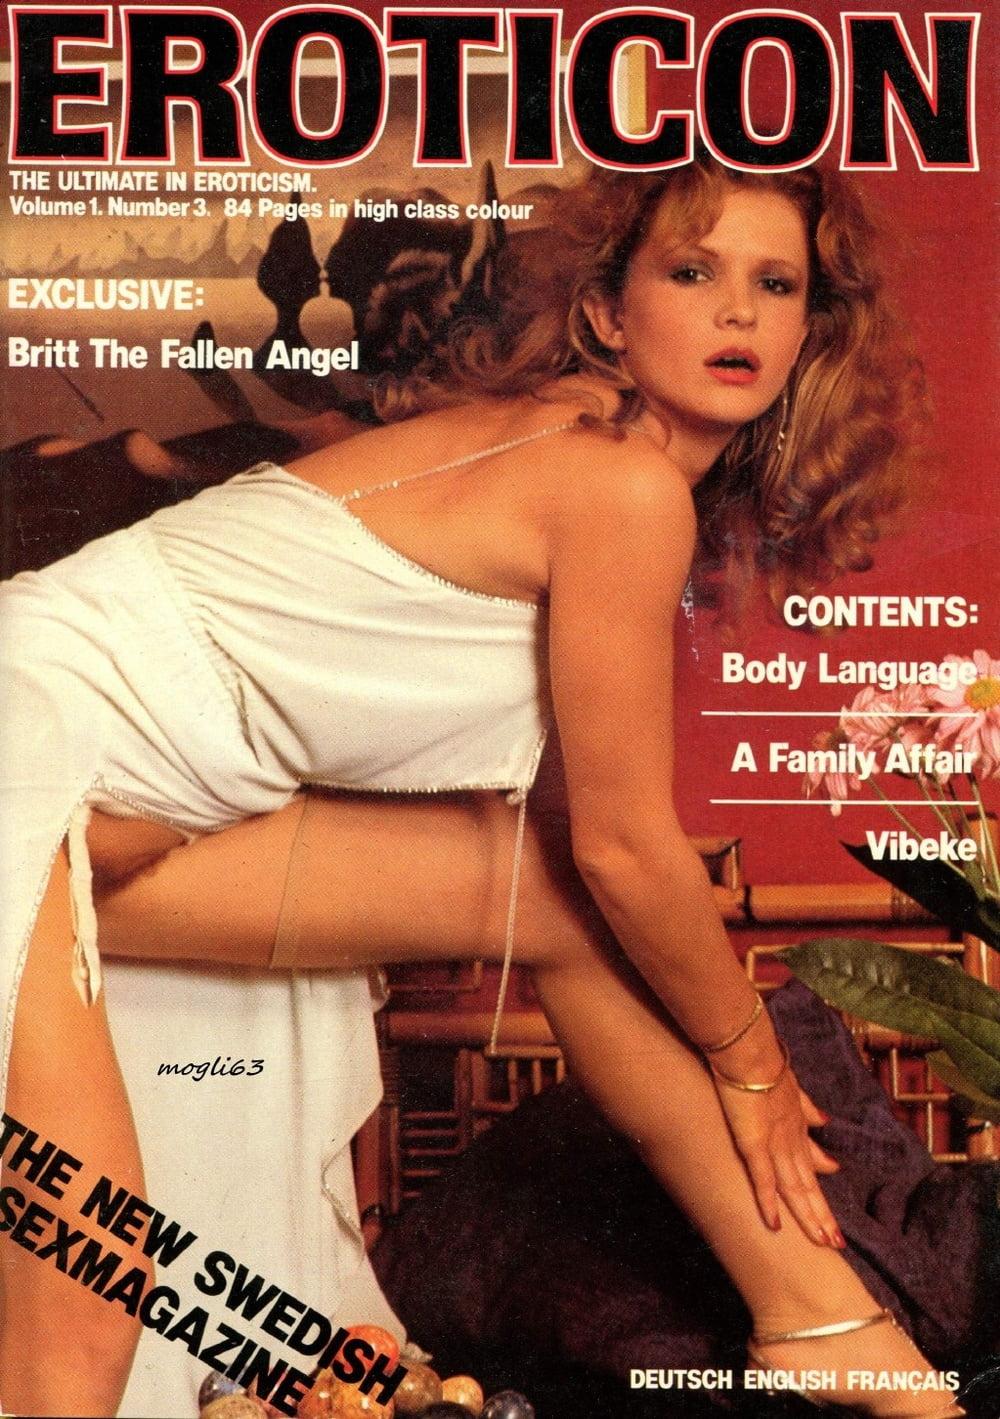 Порно журнал эротикон